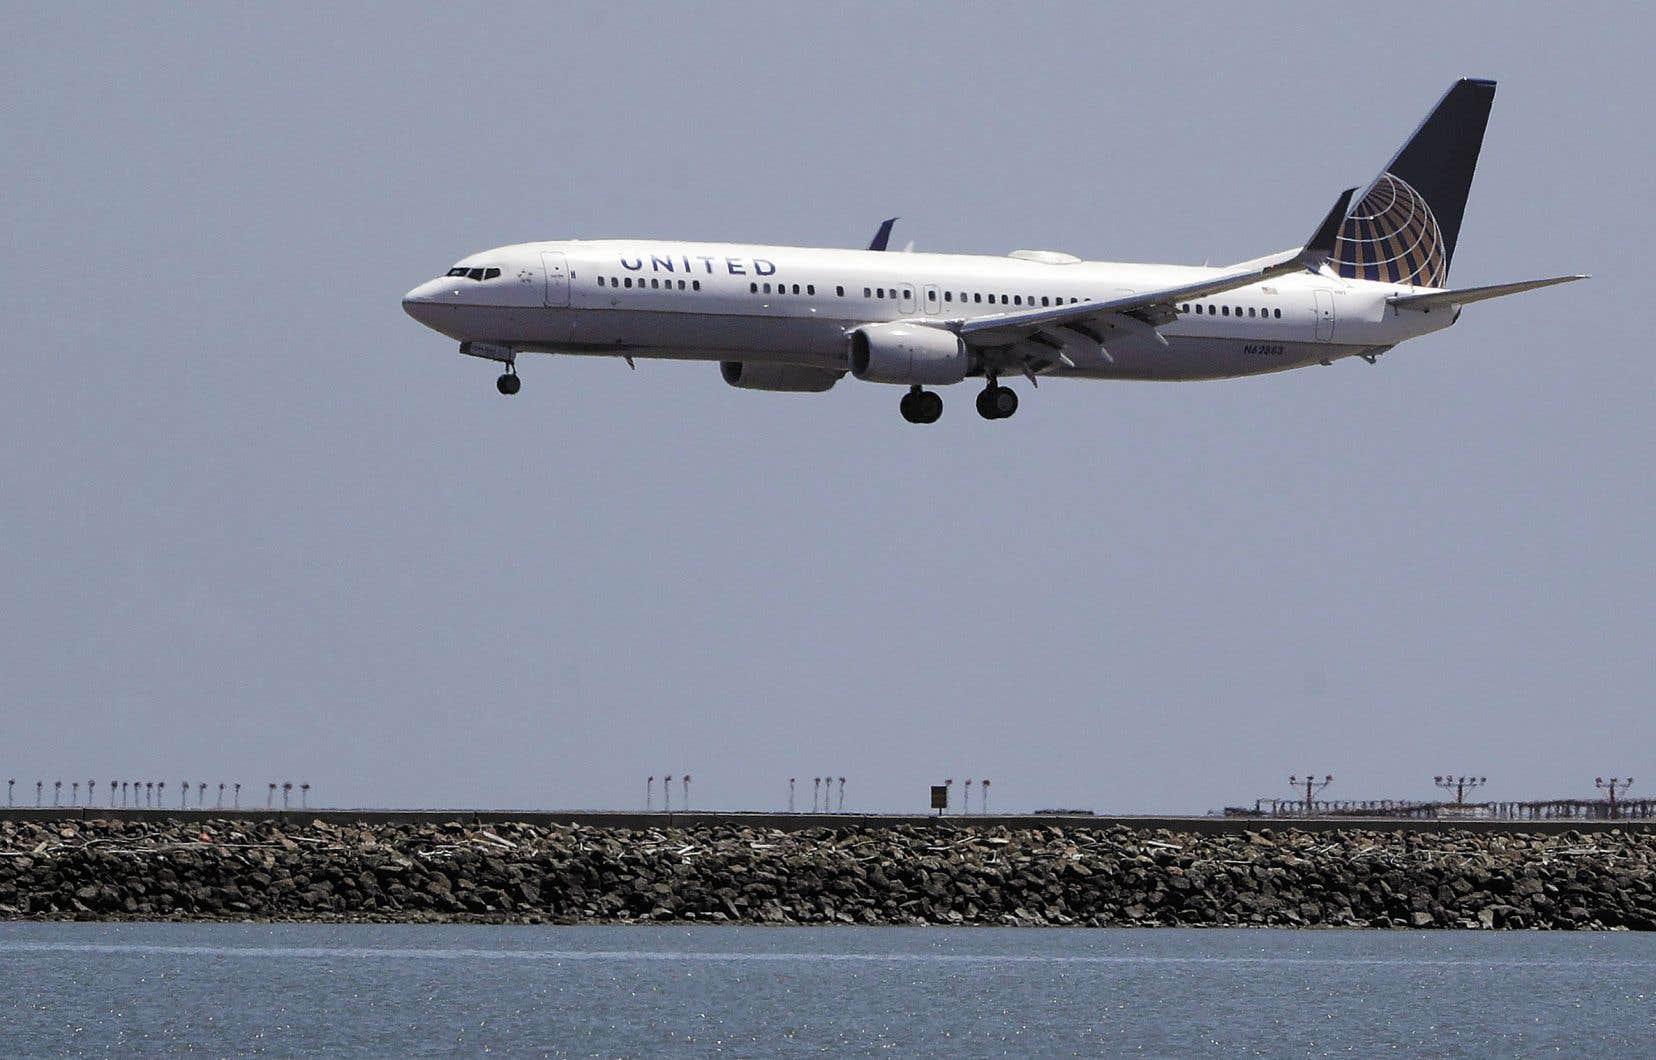 Un avion de United Airlines s'apprêtant à atterrir à San Francisco en 2017